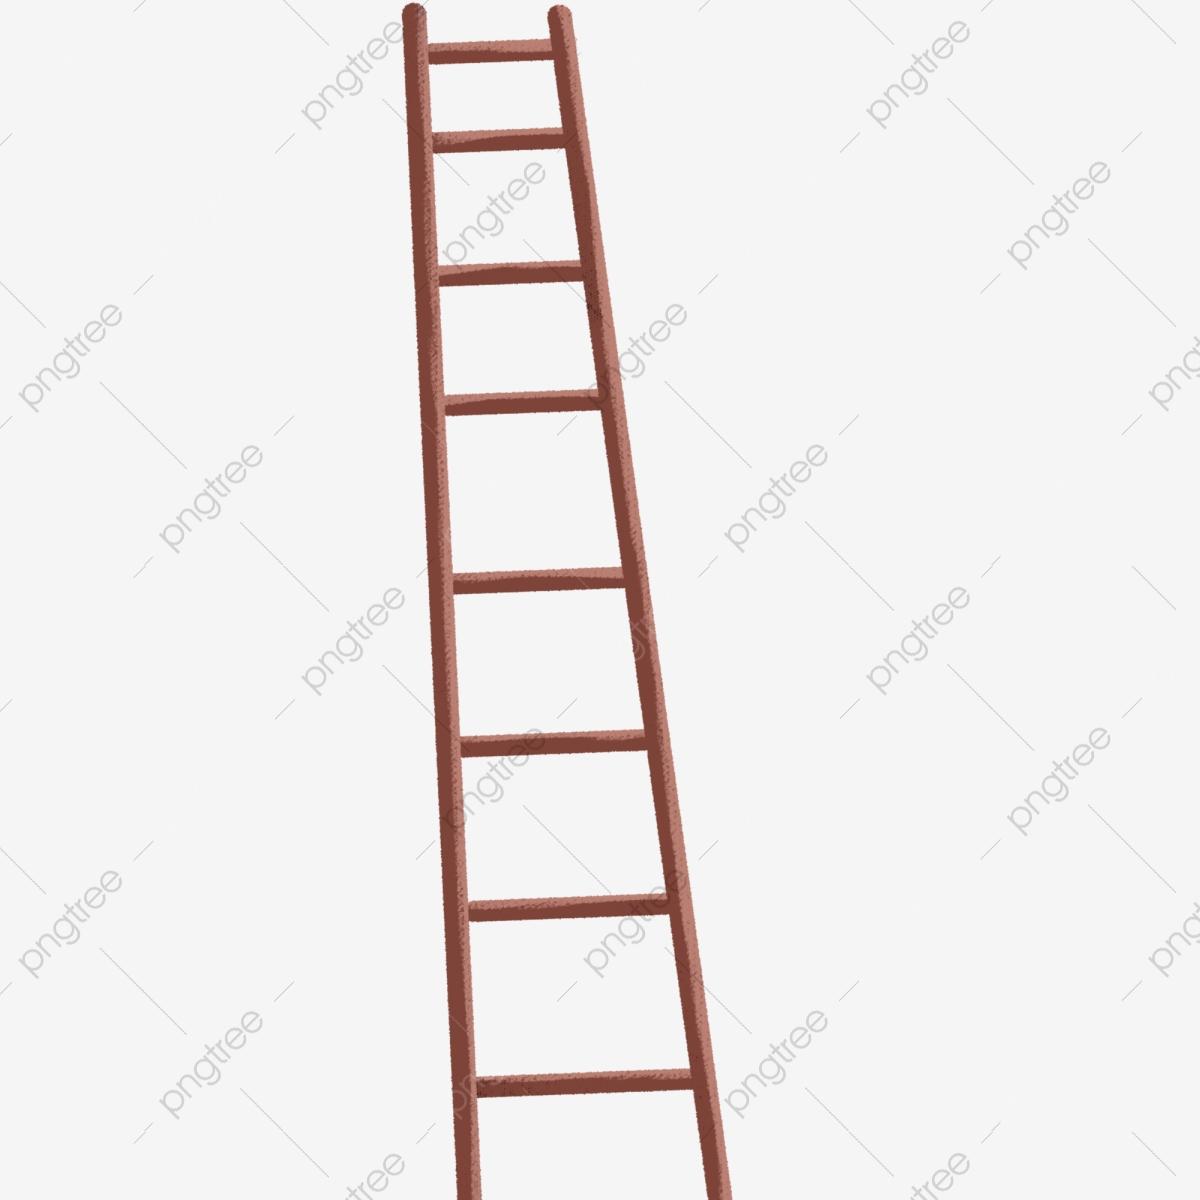 Ladder clipart iron. Yellow wooden cartoon